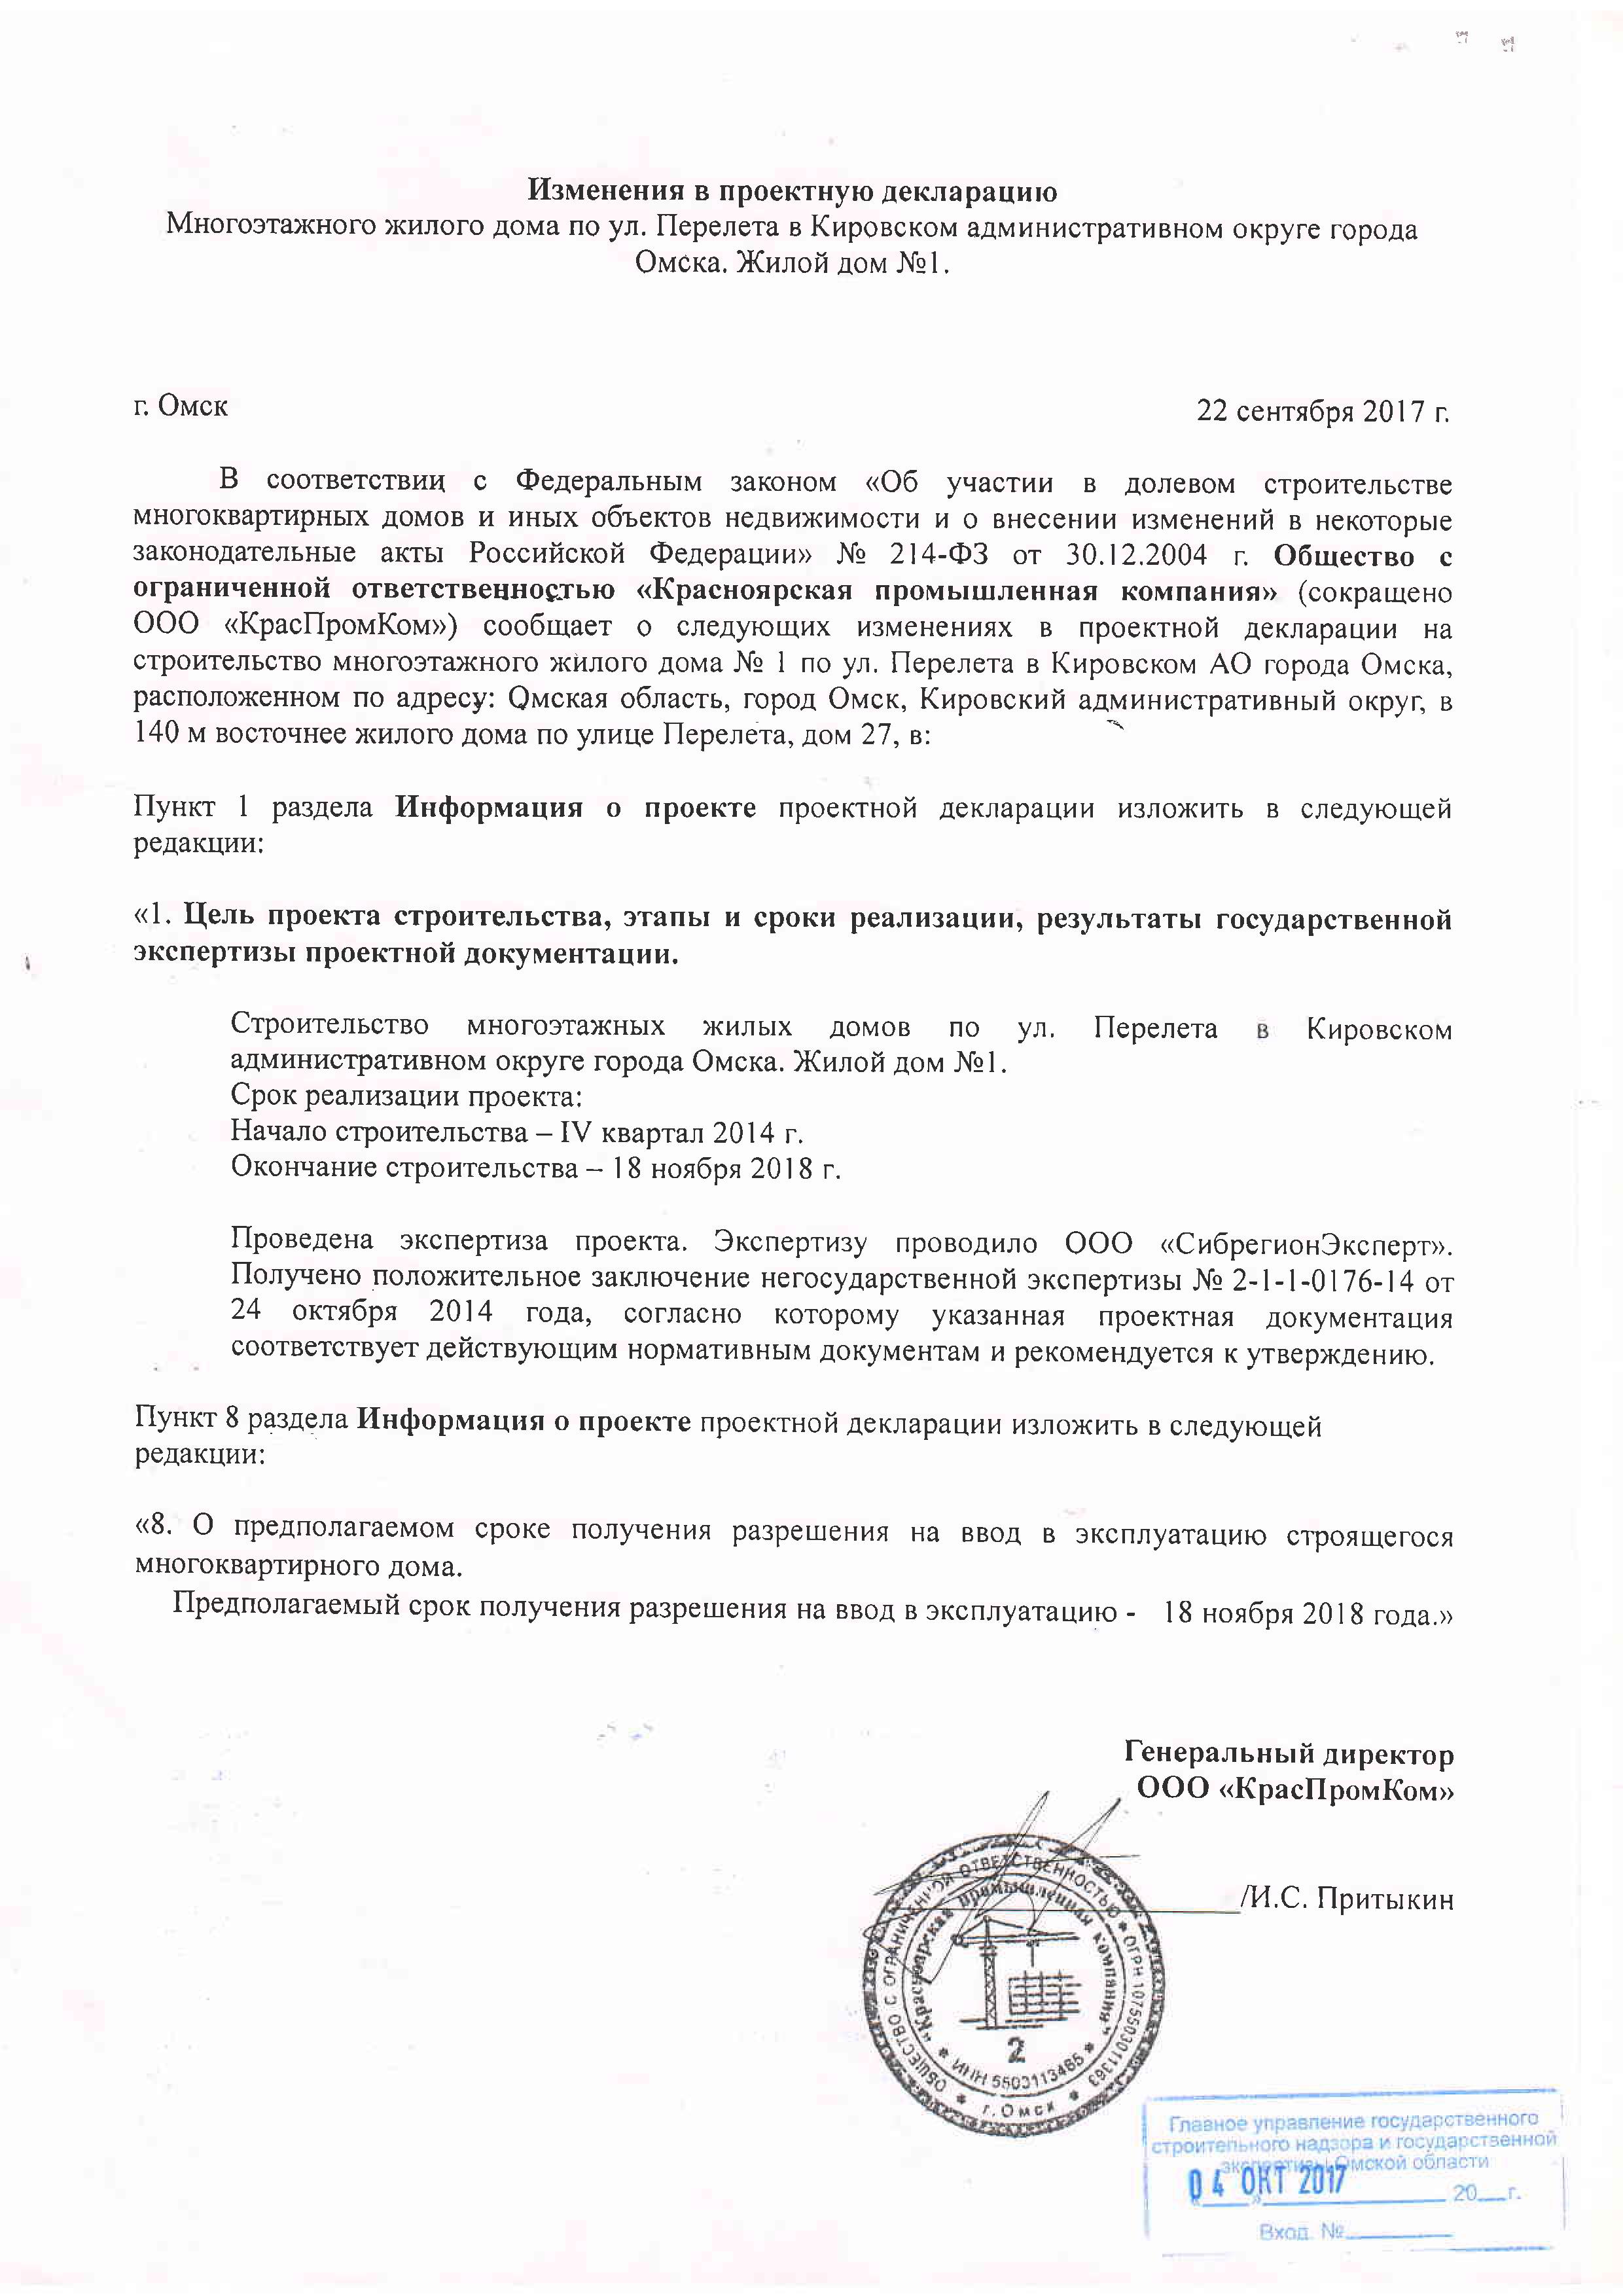 Изменения в проектную декл. ок-е стр-ва ноябрь 2018г.